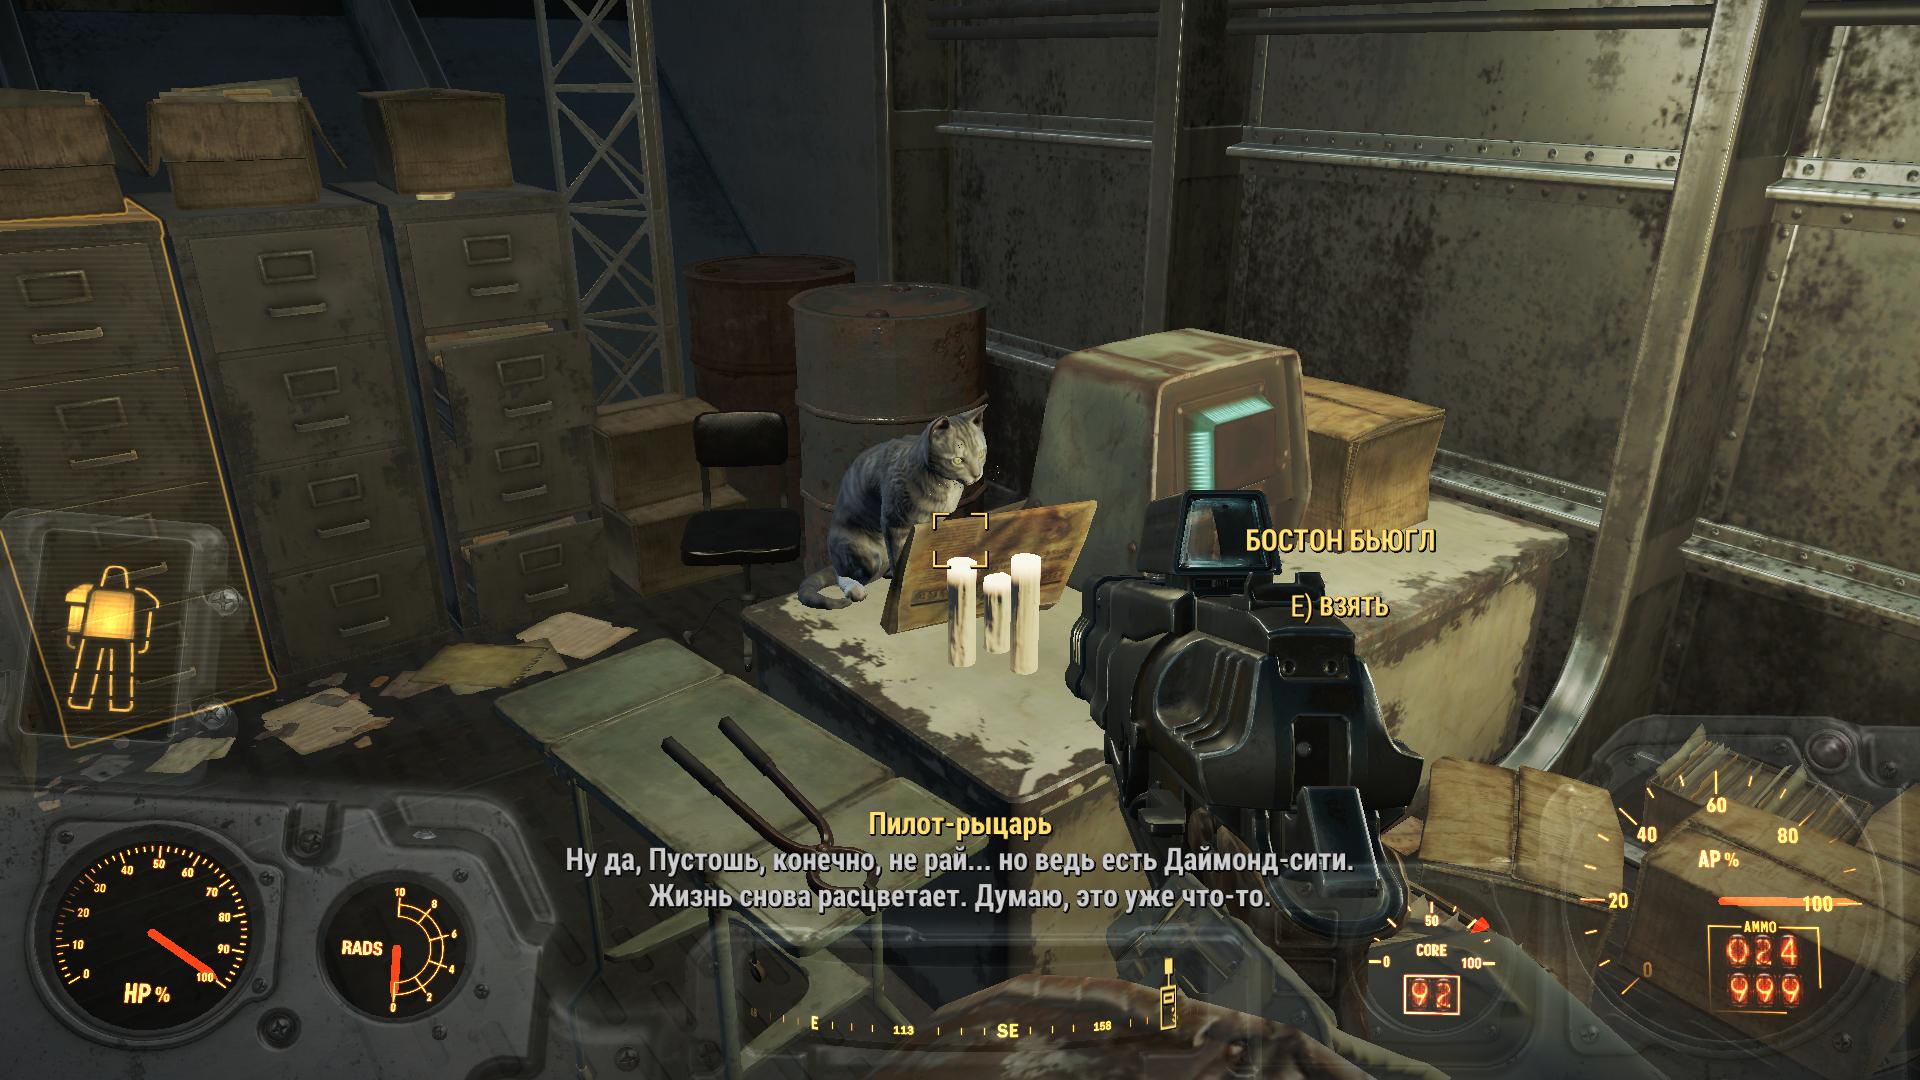 Капитан Барсикович - Fallout 4 Придвен